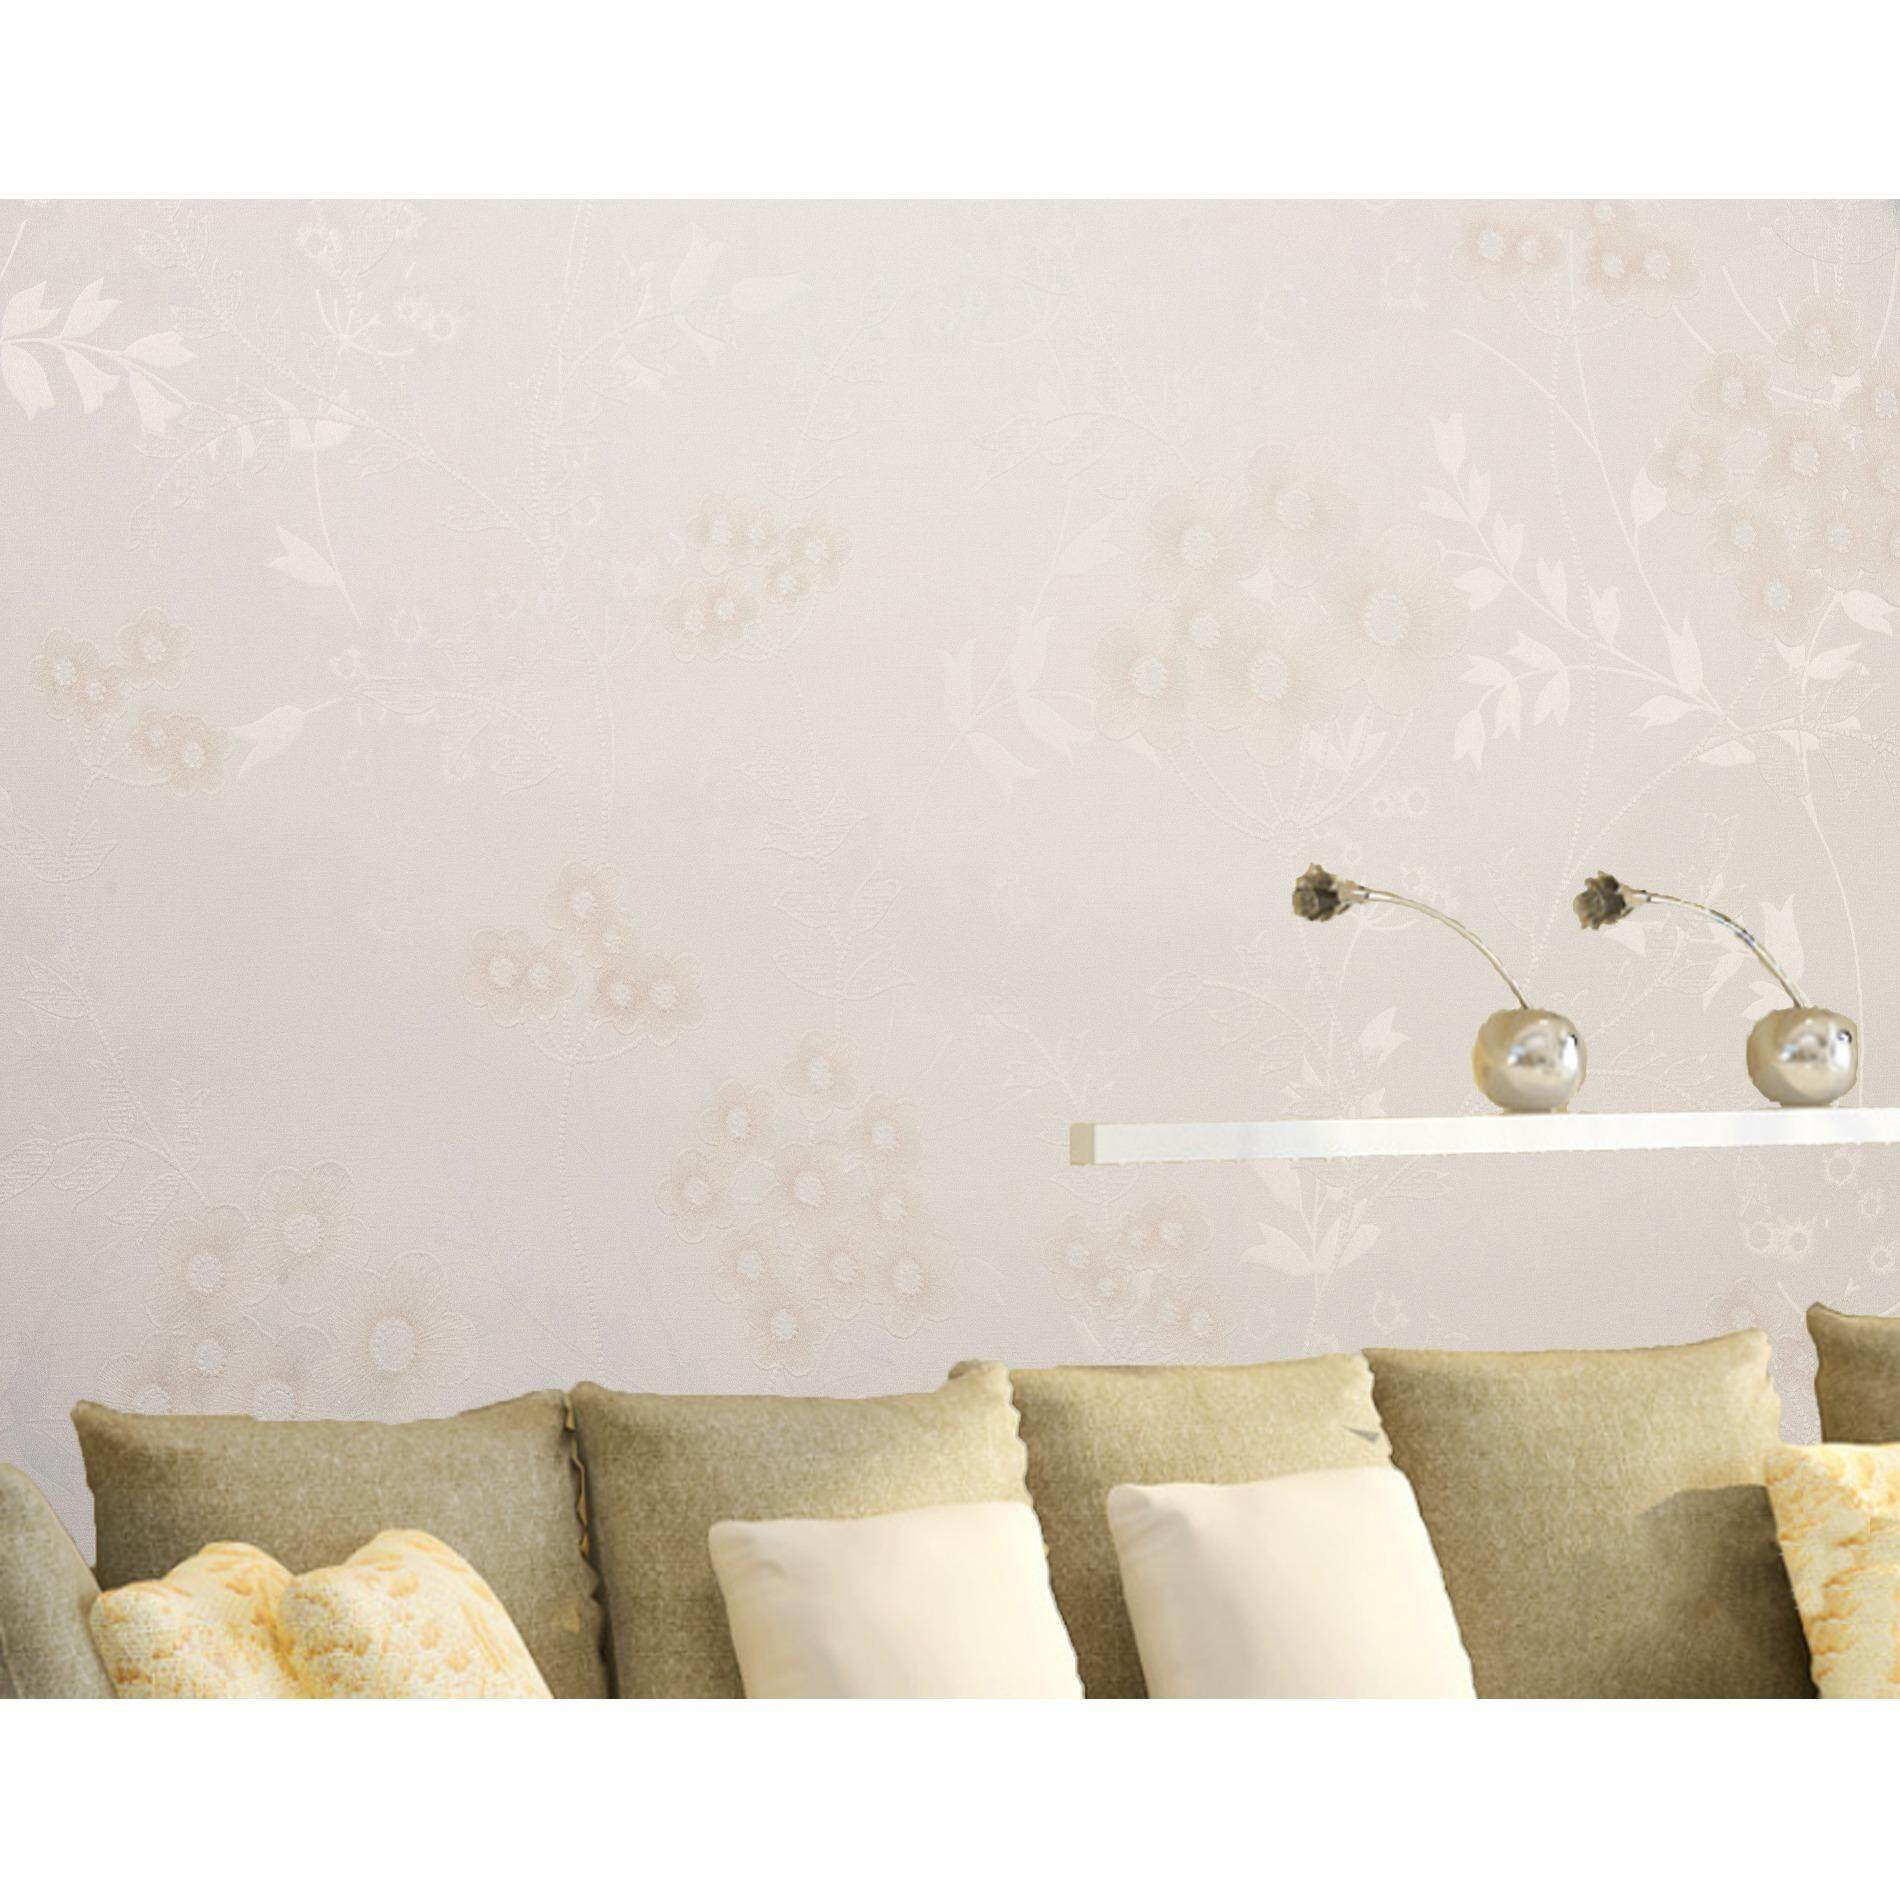 ขาย Homily Wallpaper Lxr รุ่น Fr 790901 โทนสีขาวมุกลายดอกไม้ส้มอ่อน ออนไลน์ ใน กรุงเทพมหานคร